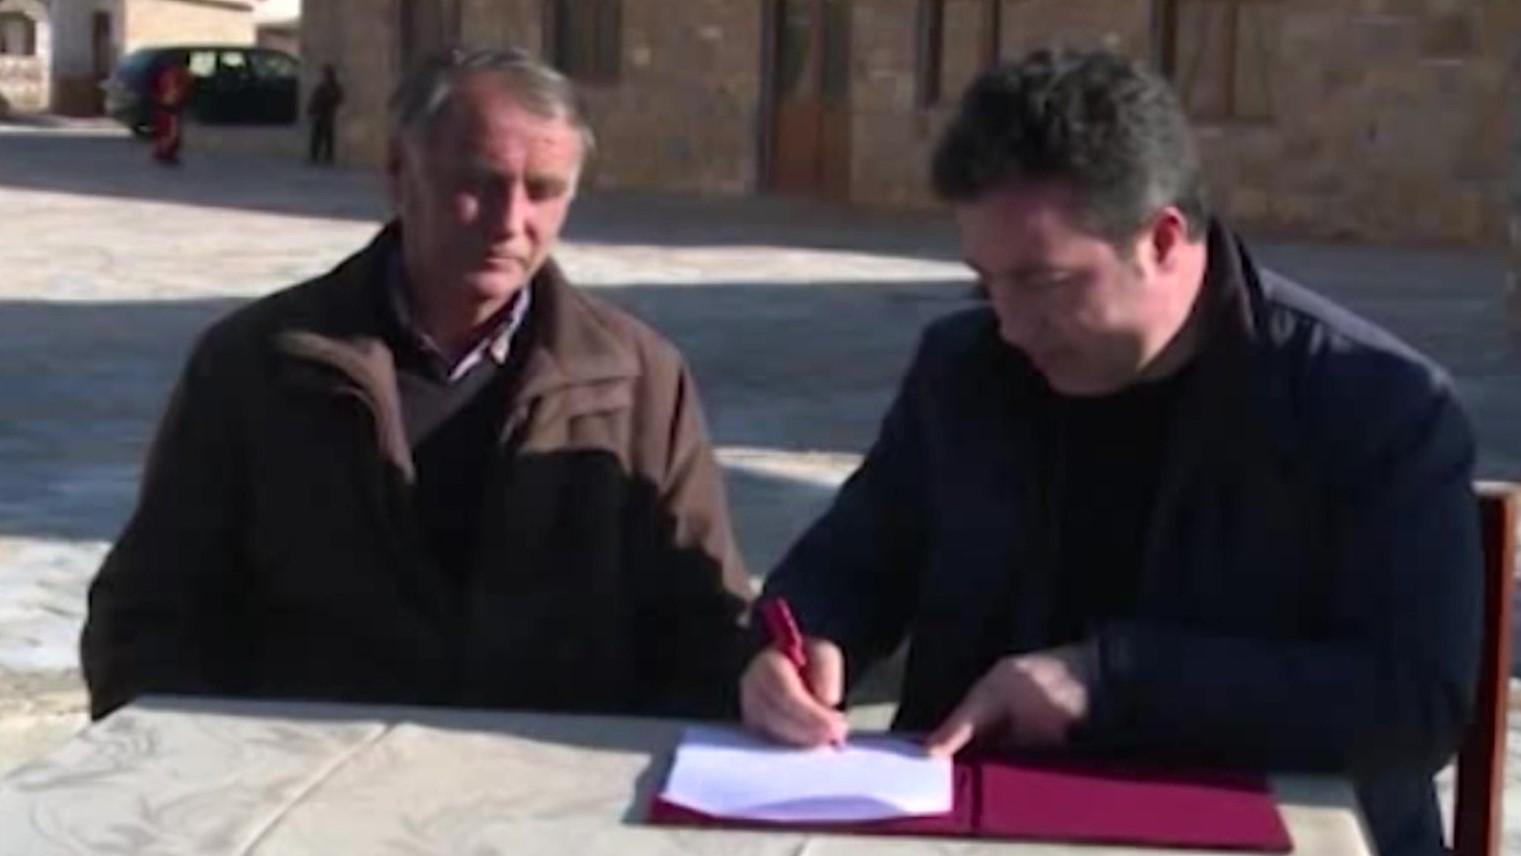 Peleshi: Menaxhimi i liqenit të Prespës u kalon shoqatës së peshkatarëve